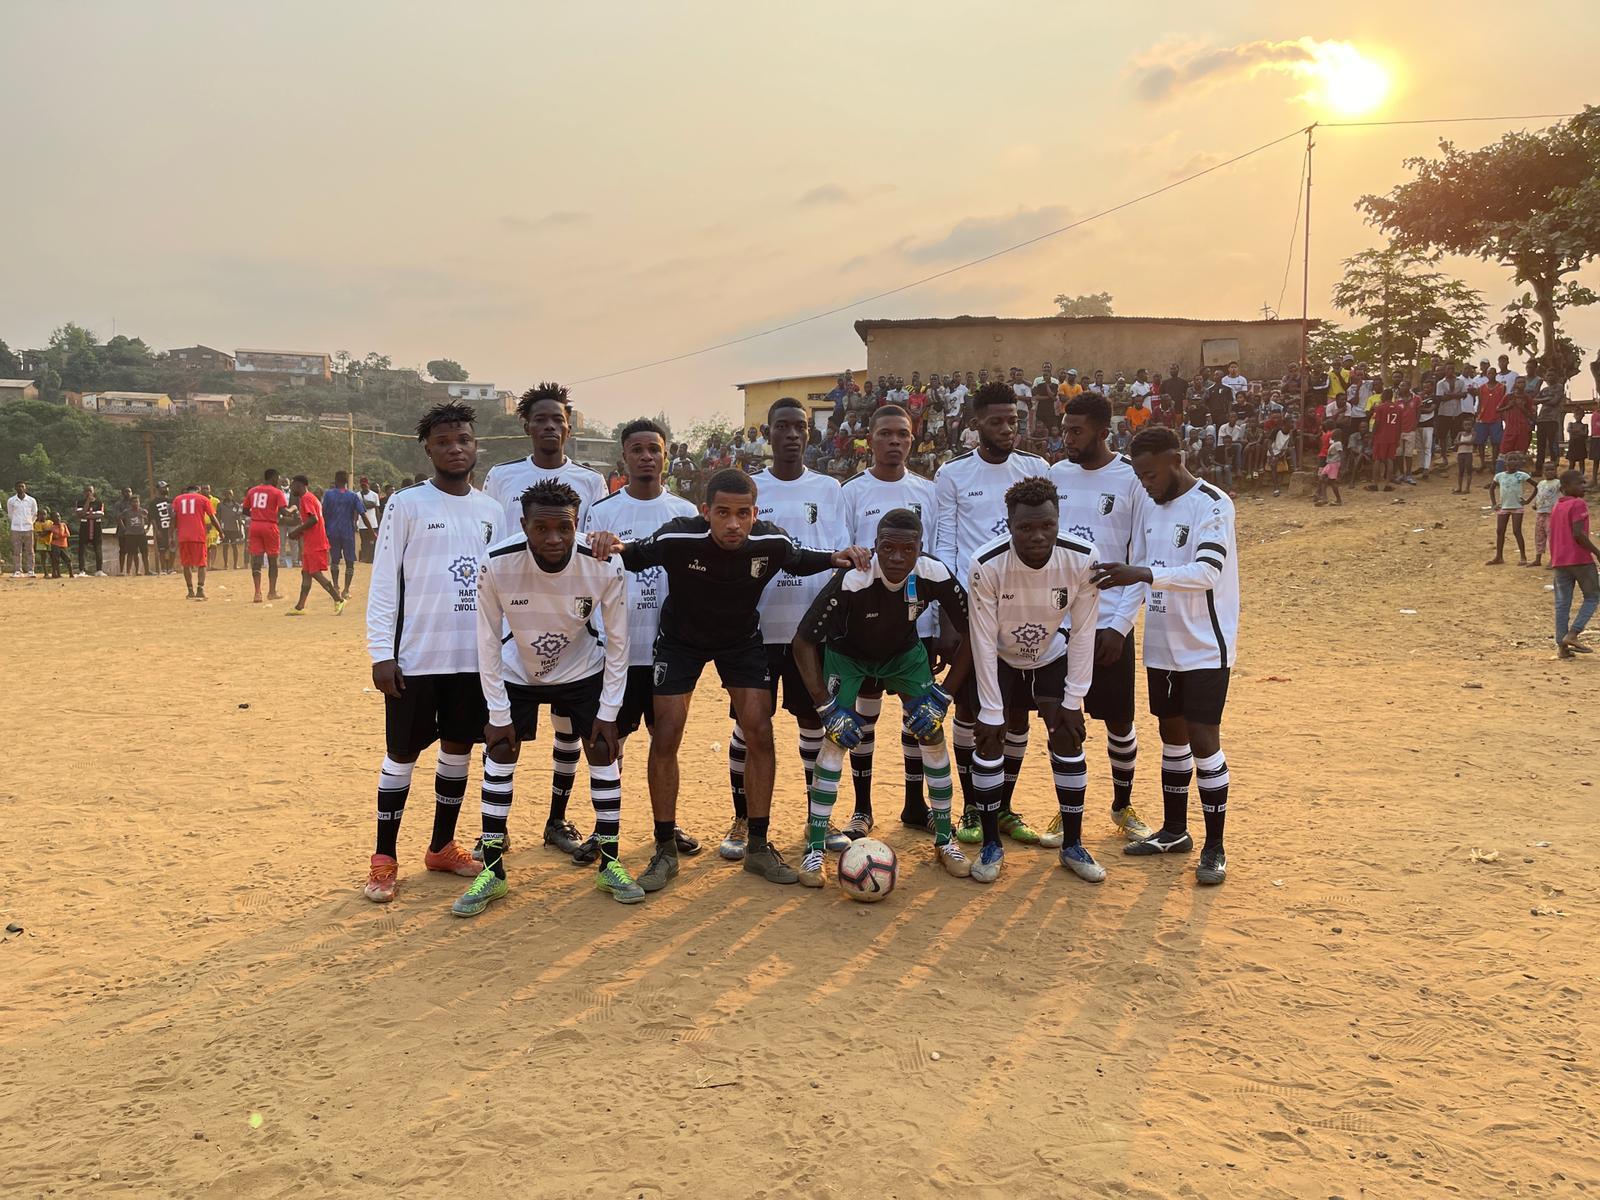 VV Berkum ondersteunt actie voor Congo